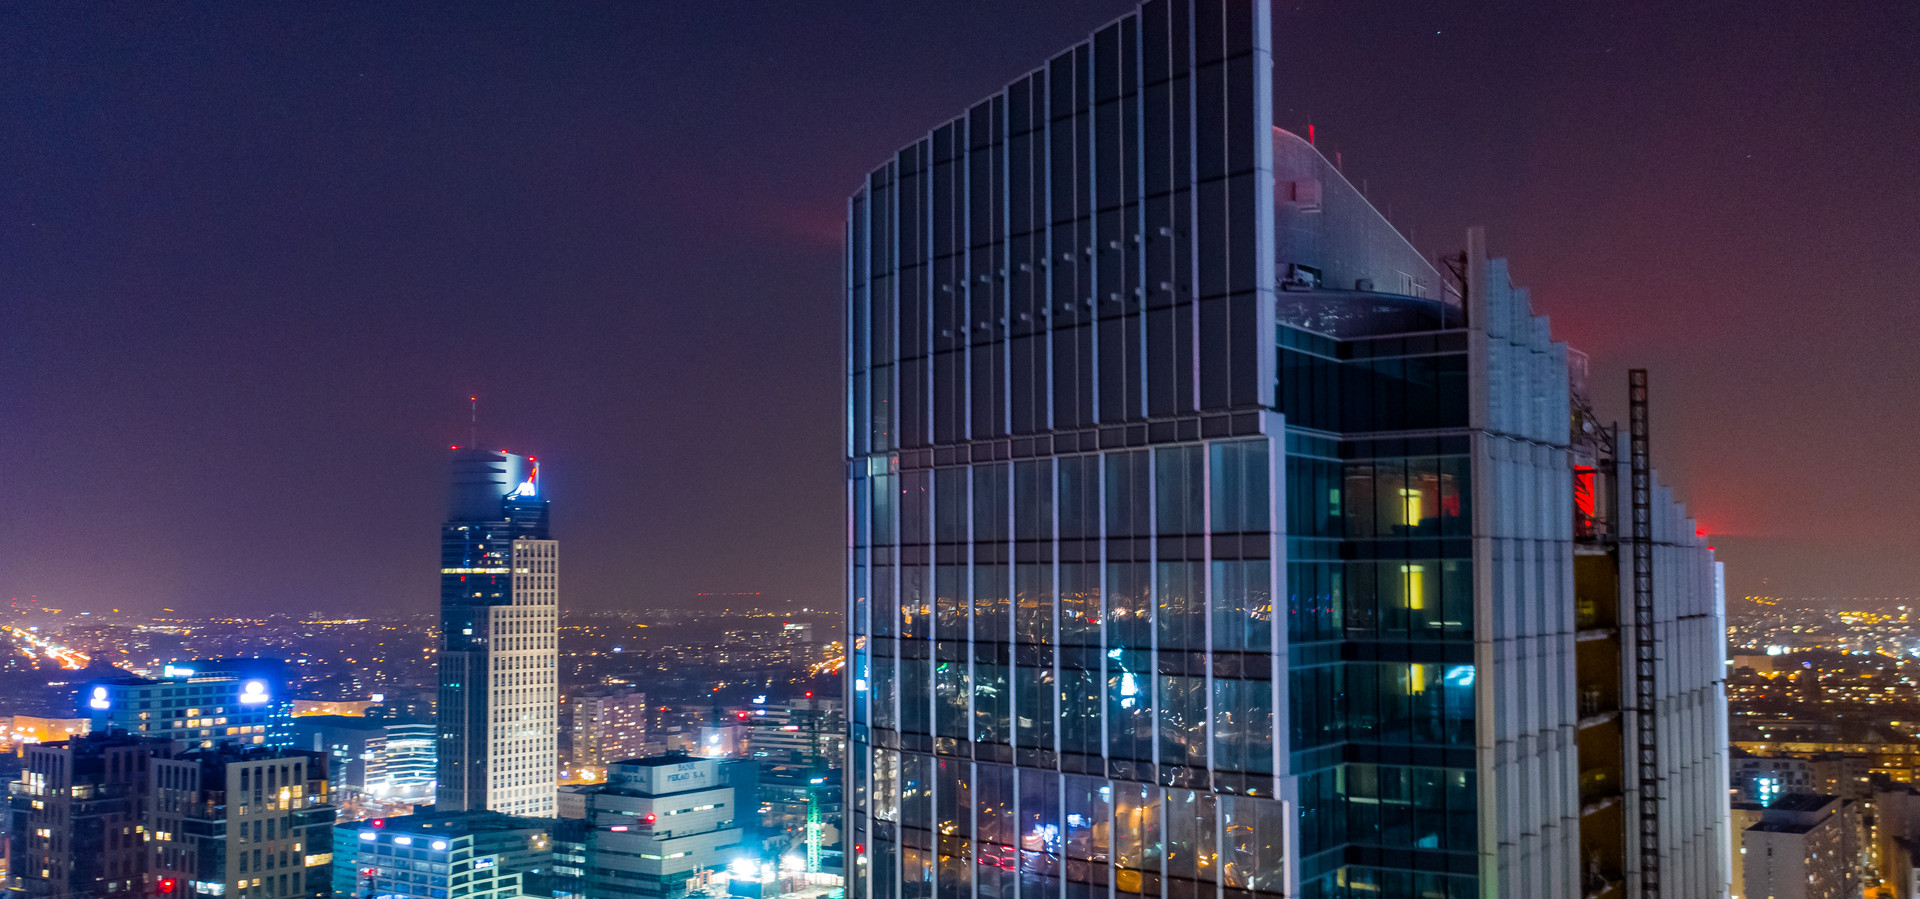 Nowy wieżowiec w Warszawie - Mennica Legacy